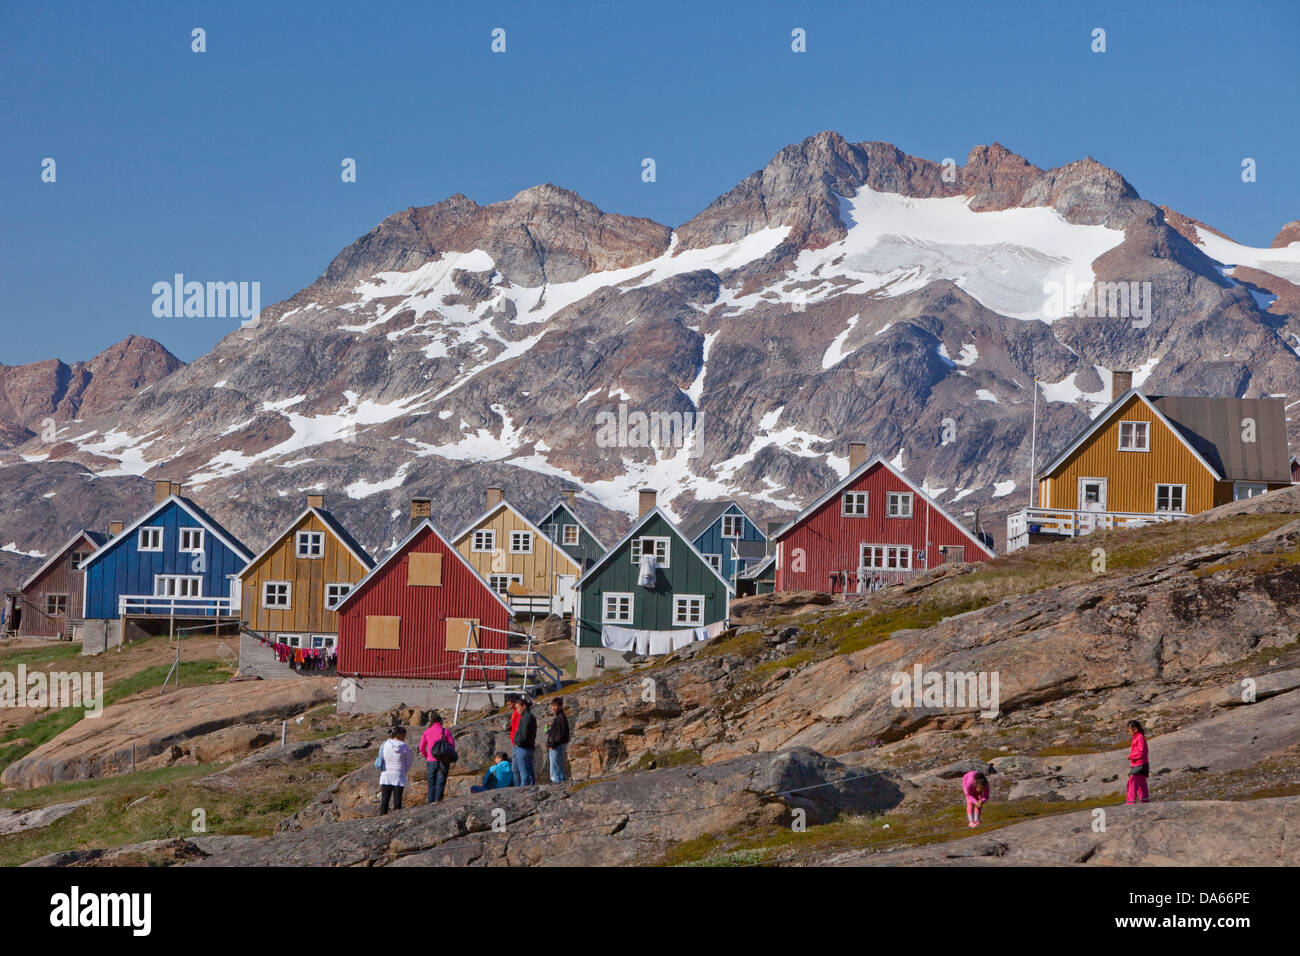 Tassiilaq, casas, casas, pueblo, ciudad, Groenlandia Oriental, Groenlandia Imagen De Stock